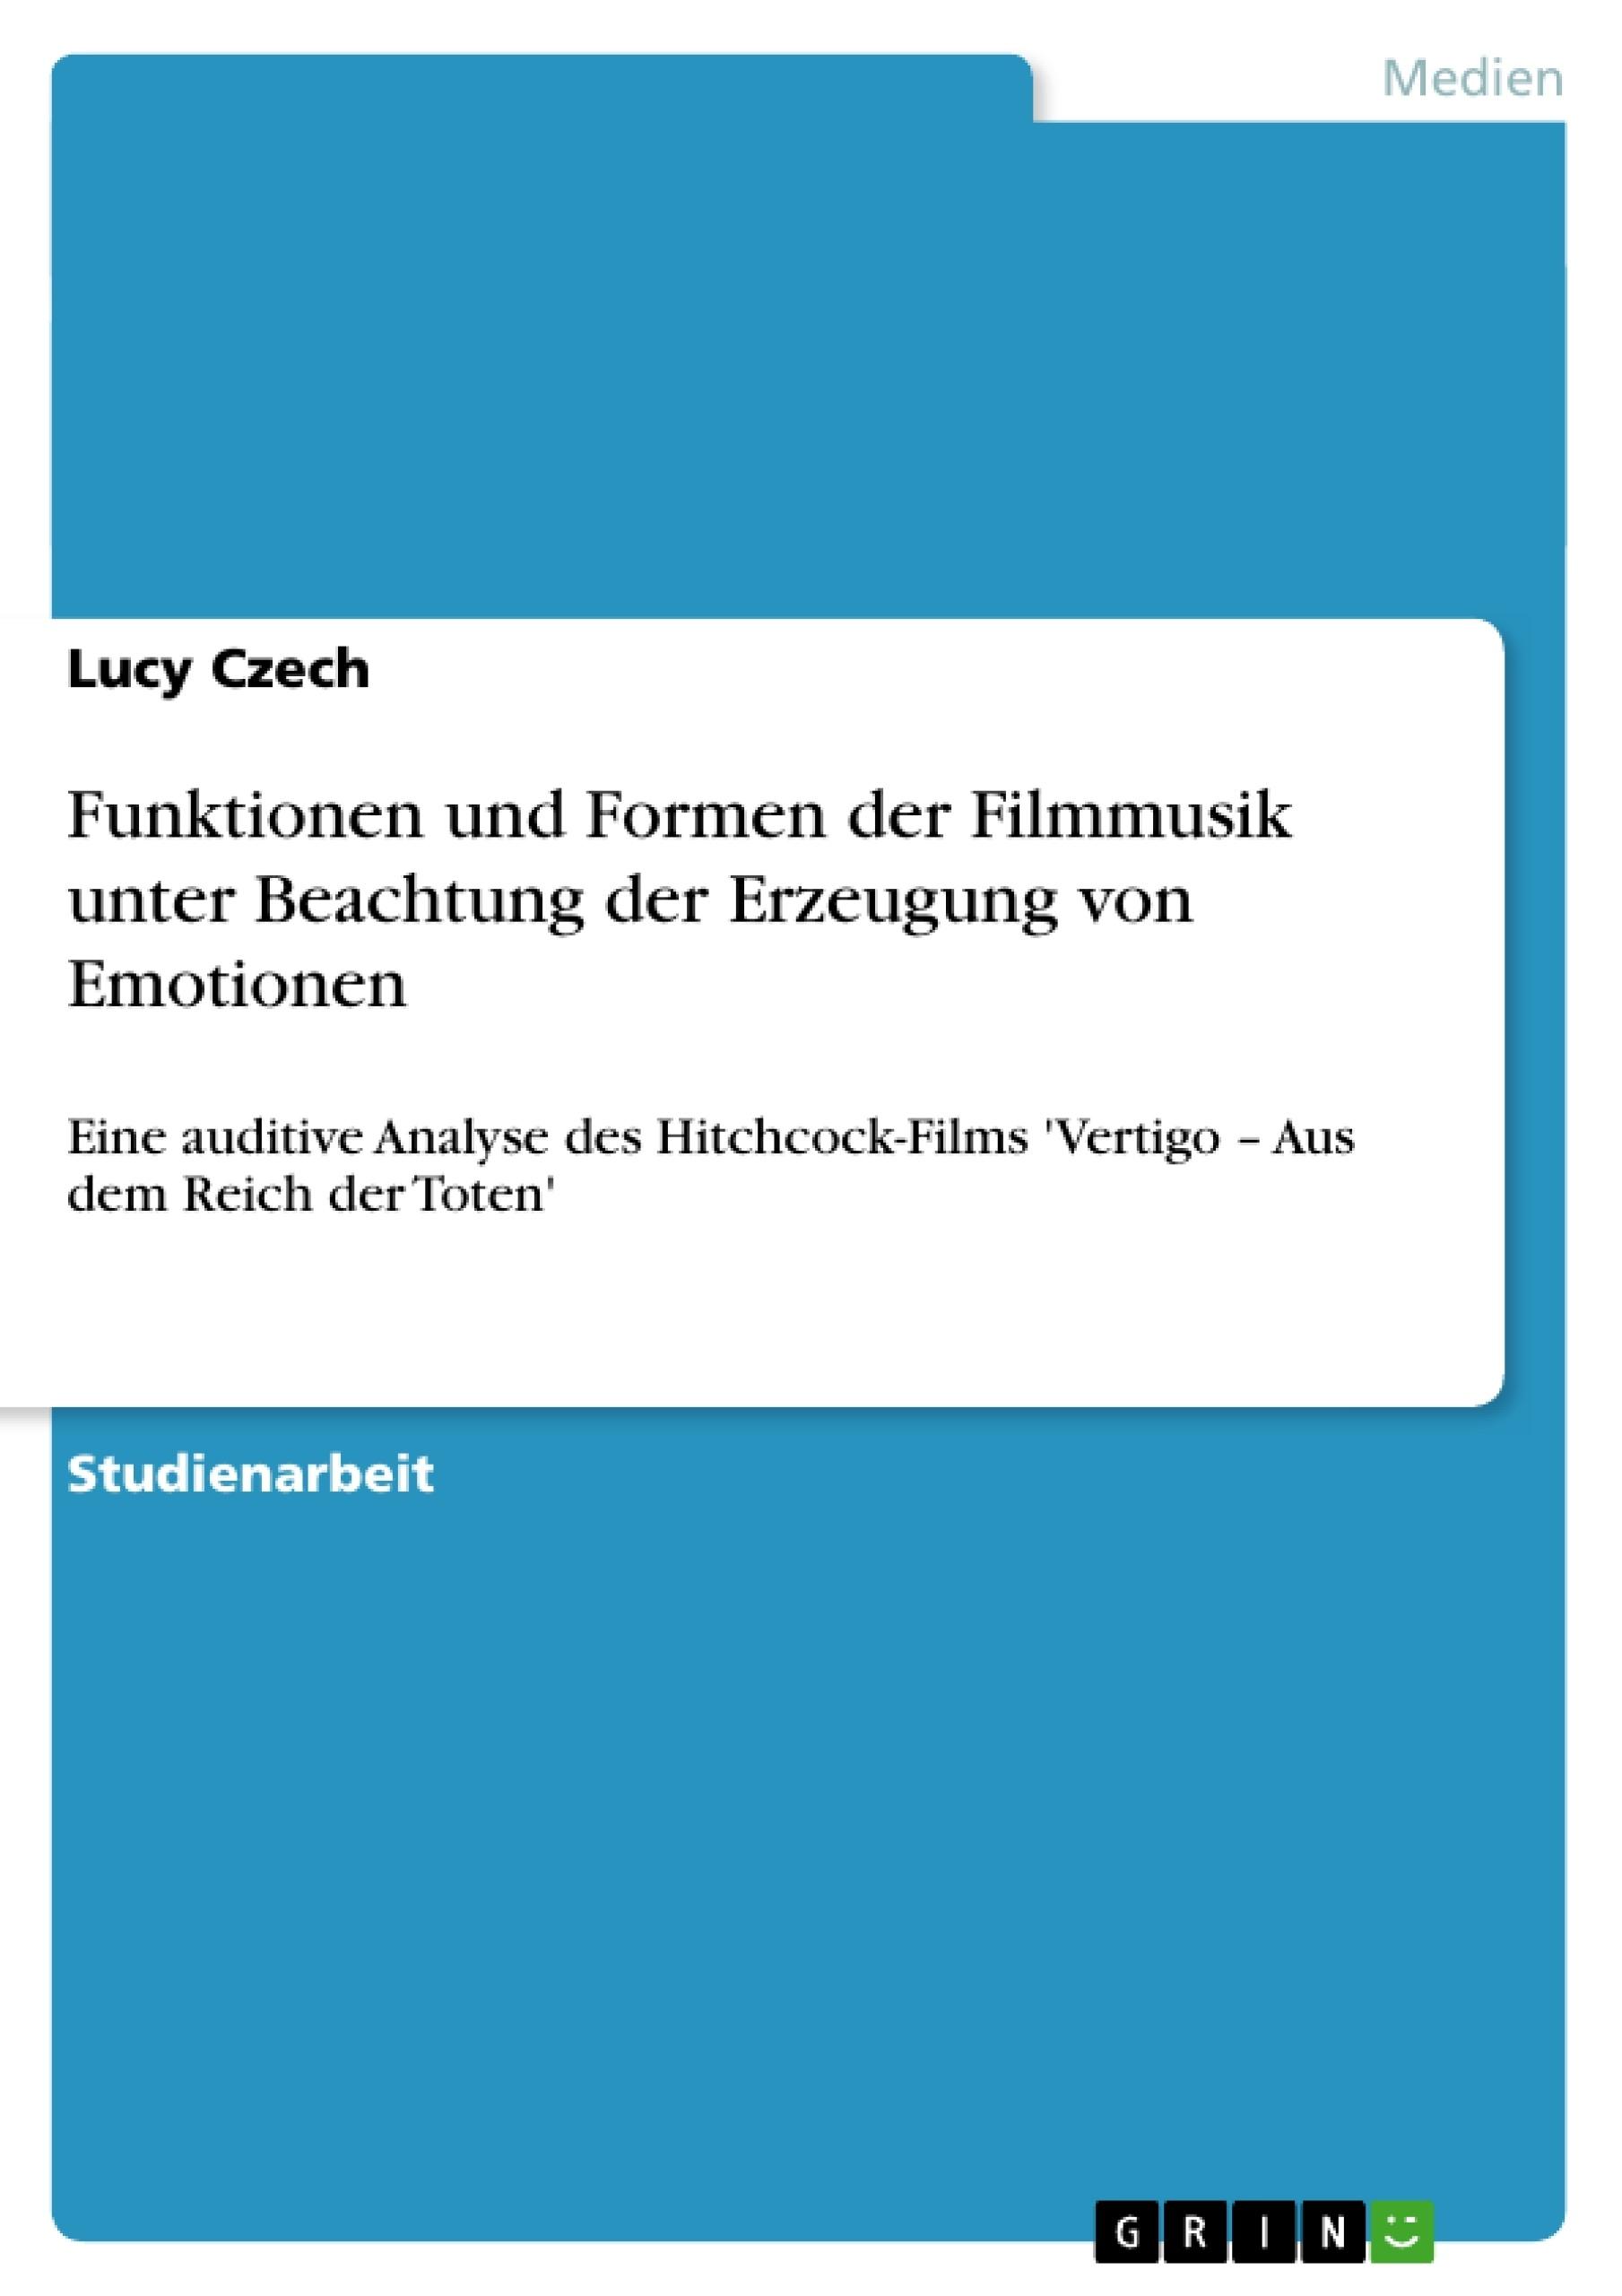 Titel: Funktionen und Formen der Filmmusik unter Beachtung der Erzeugung von Emotionen